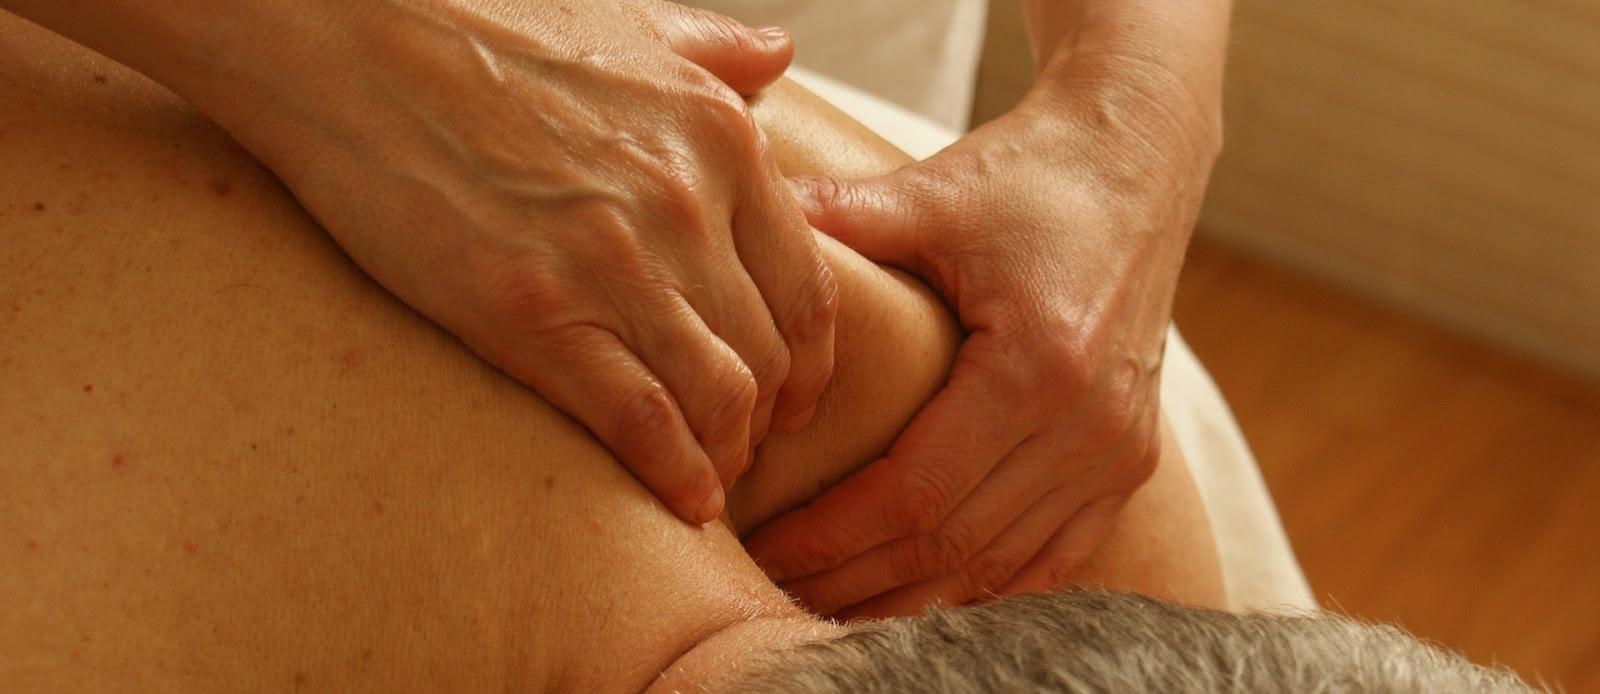 massage-389716-1920-2